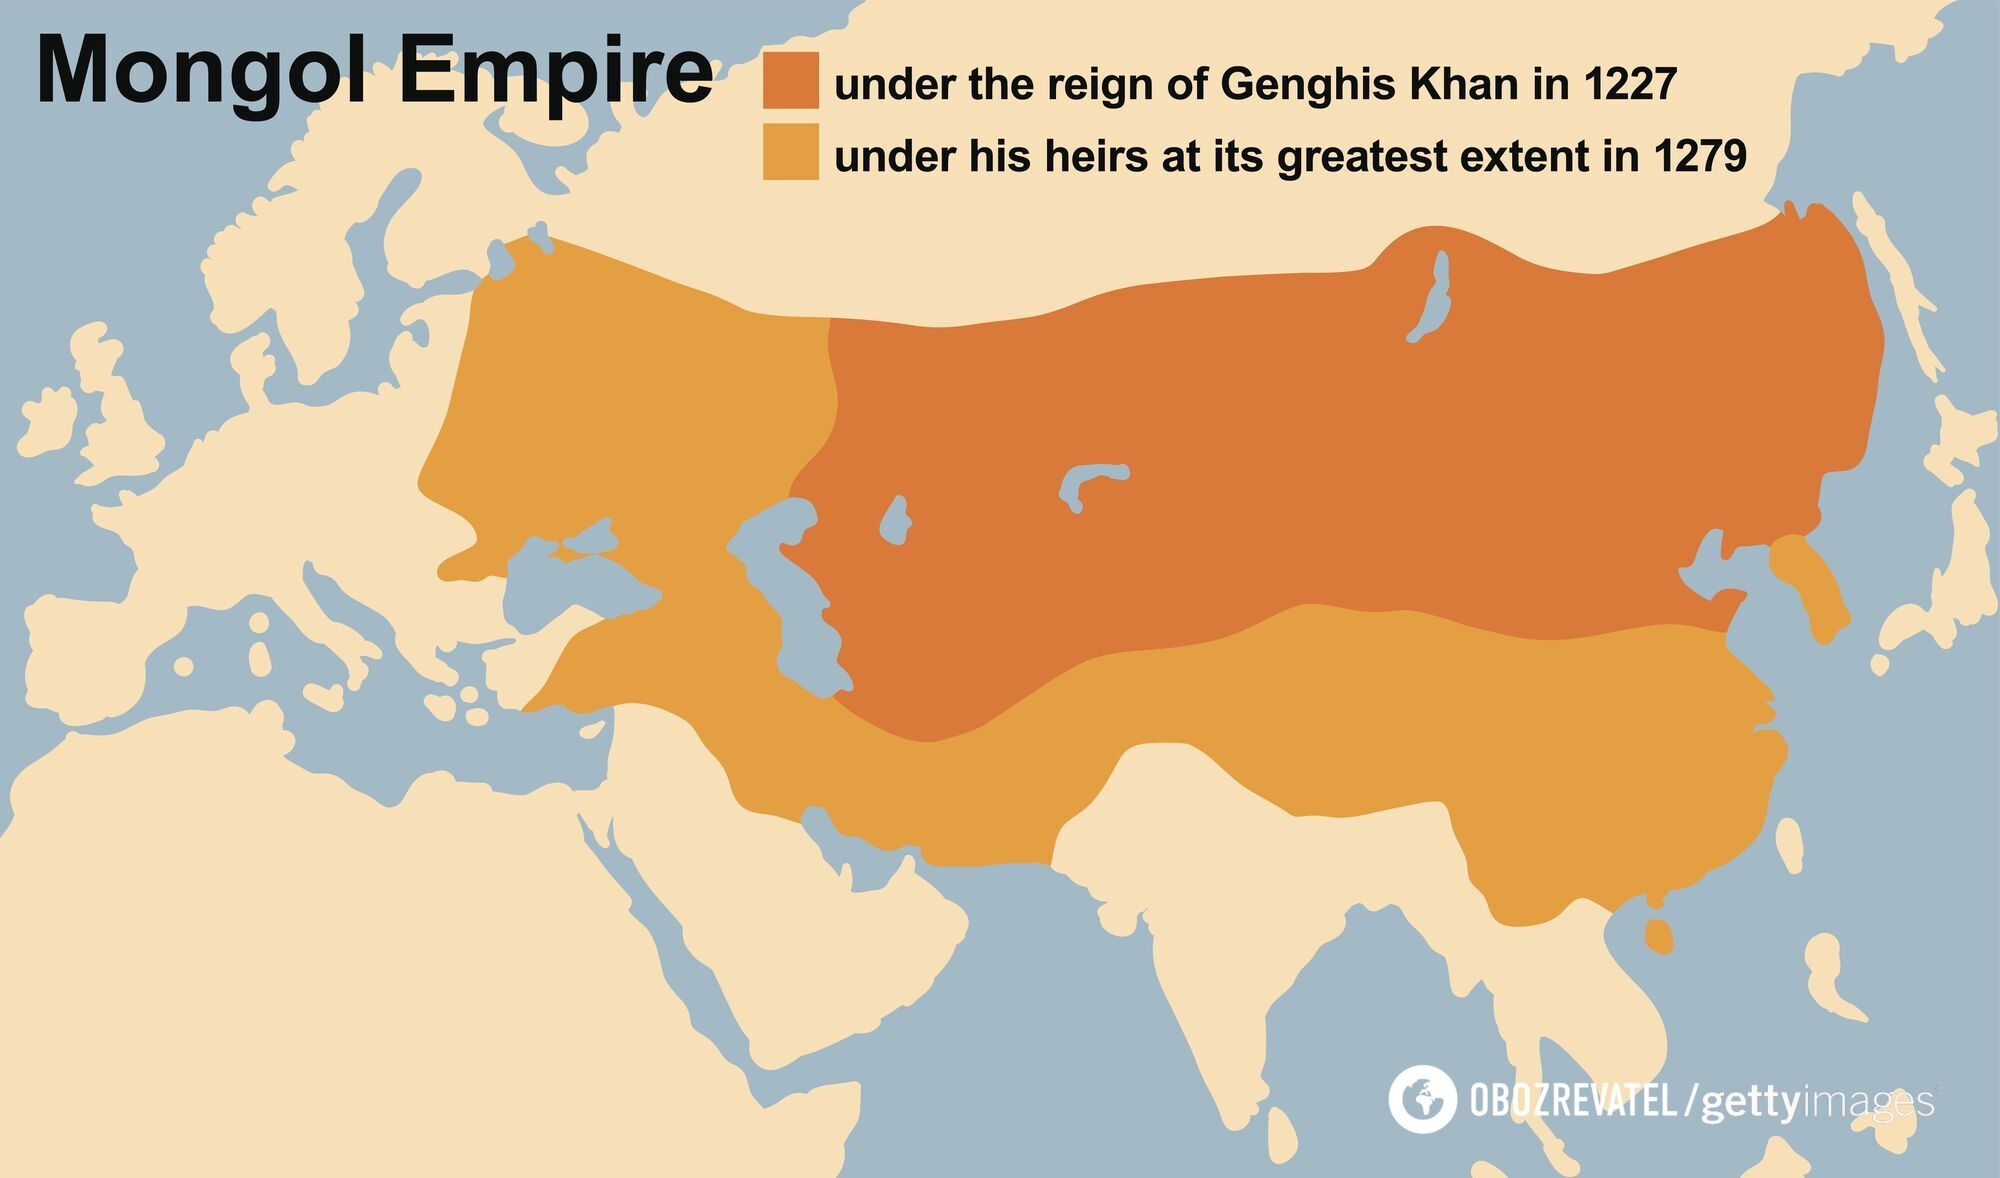 Монгольська імперія Чингісхана в 1227-му і великою мірою в 1279 році